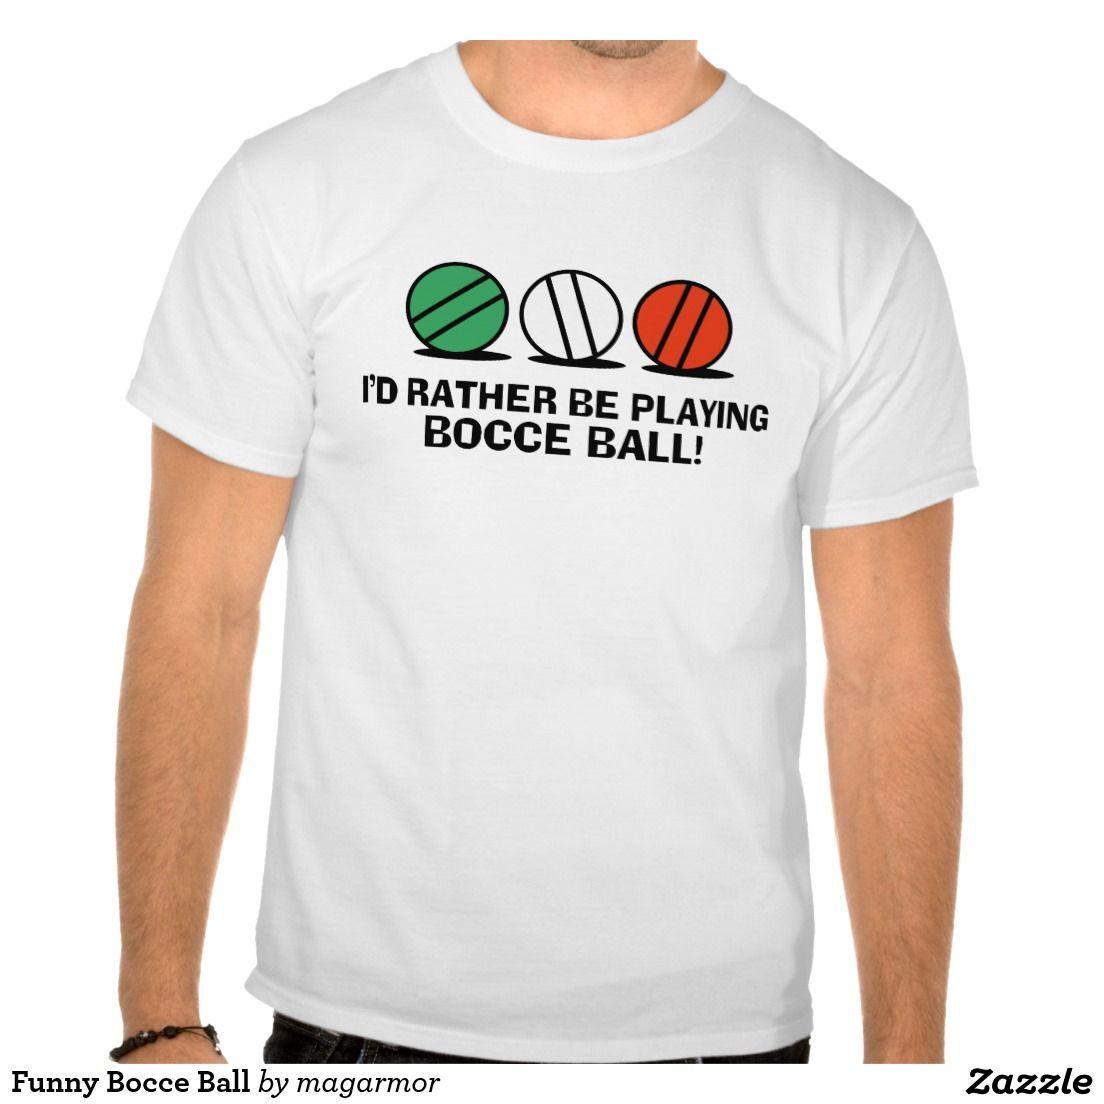 Funny Bocce Ball TShirt